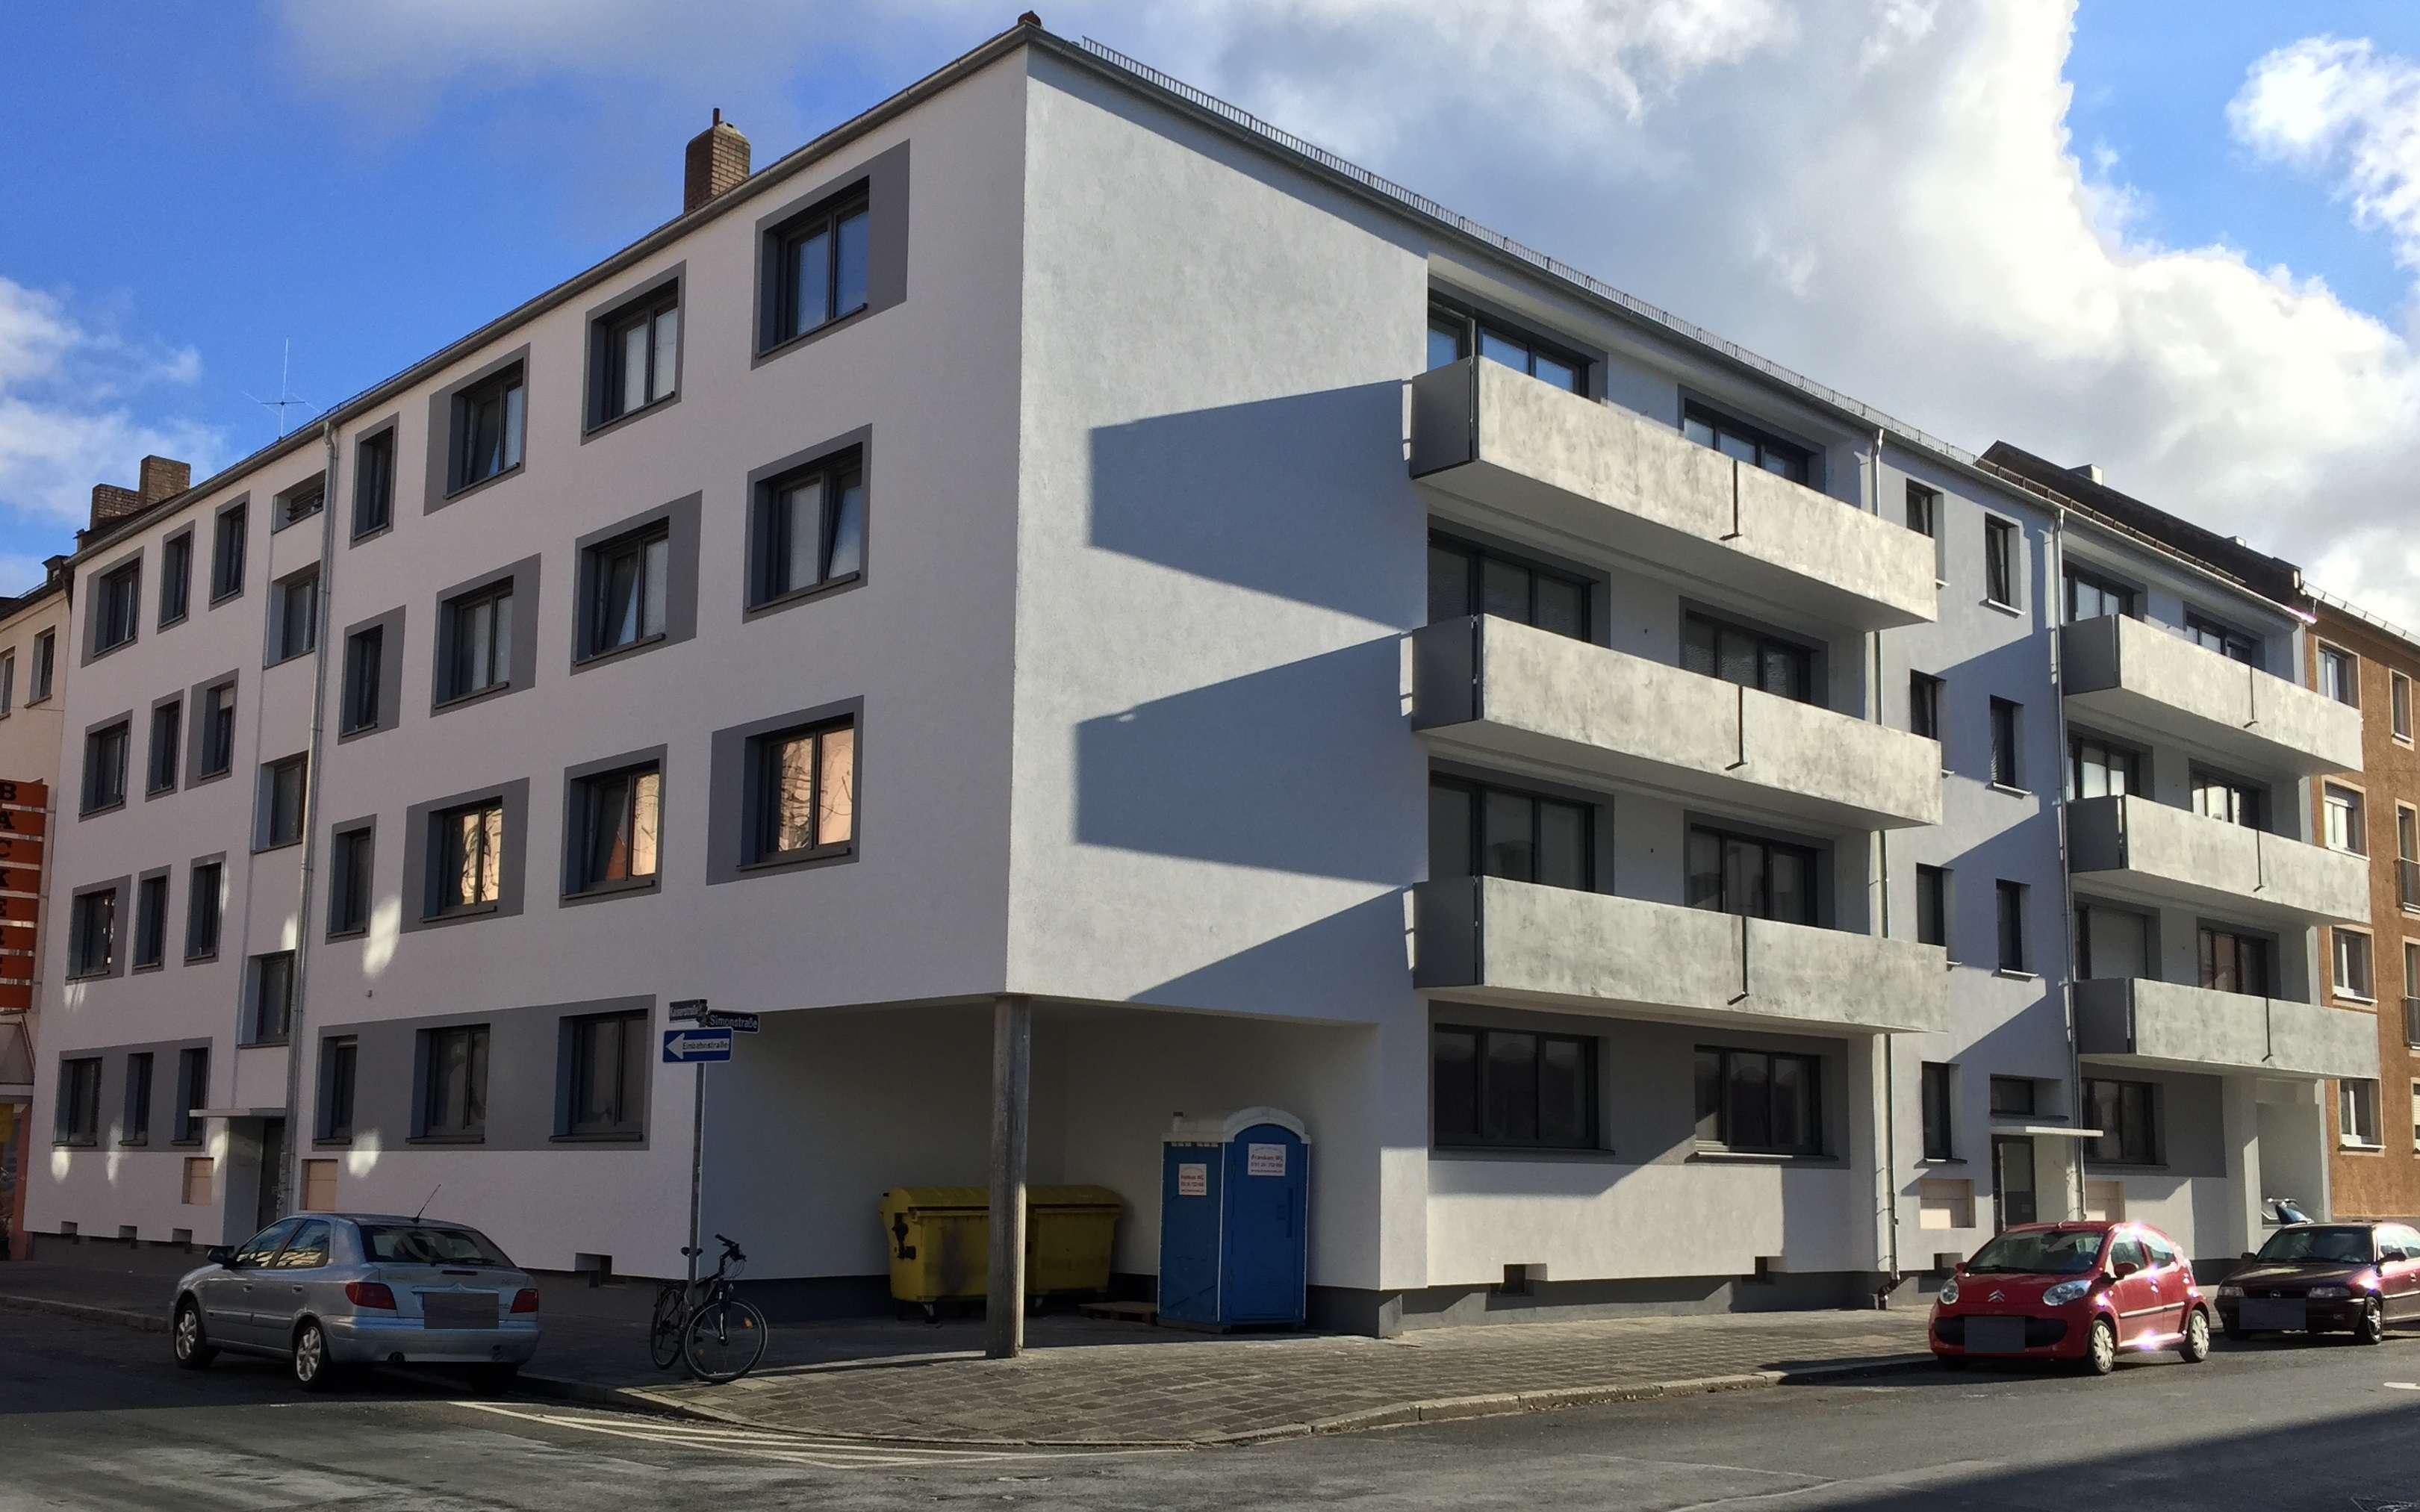 ERSTBEZUG NACH SANIERUNG! 2-Zimmer-Wohnung mit Balkon